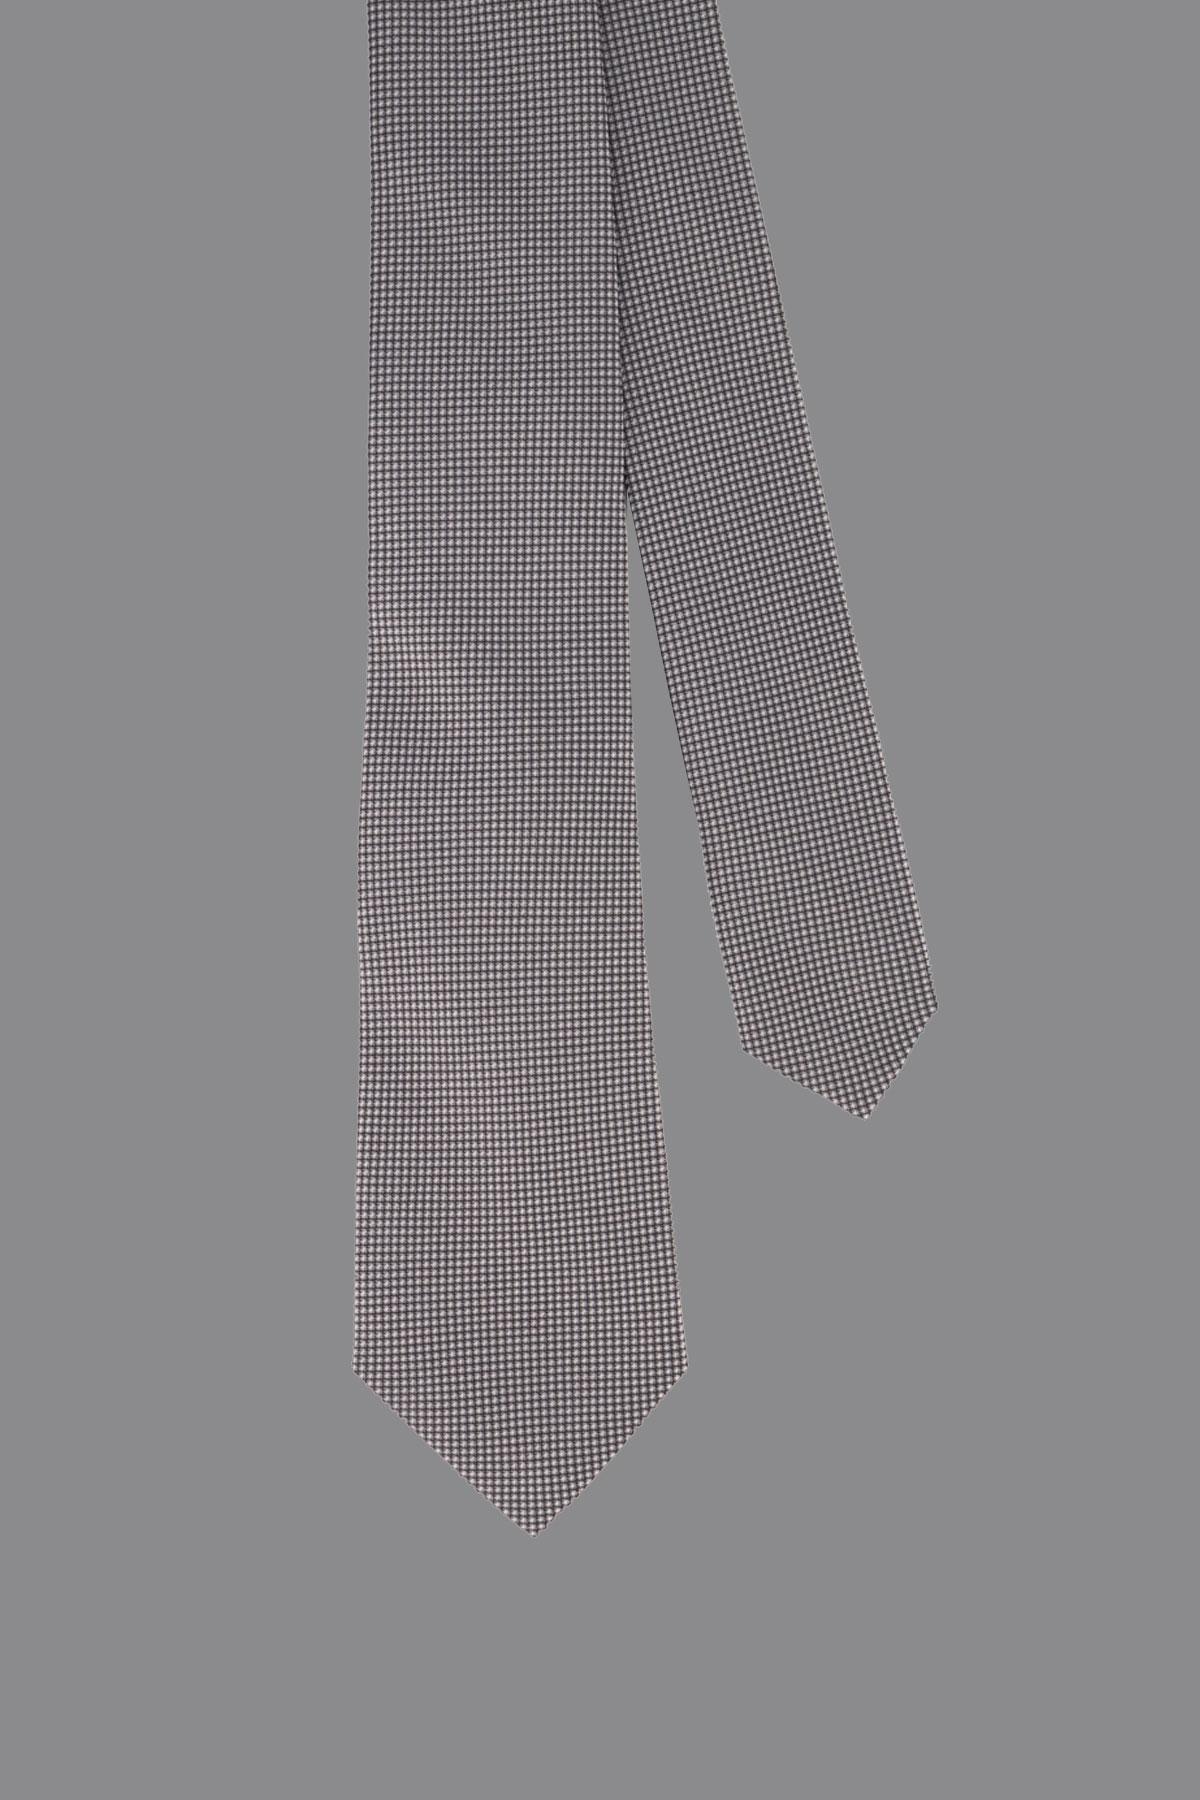 Corbata POLO RALPH LAUREN color Gris